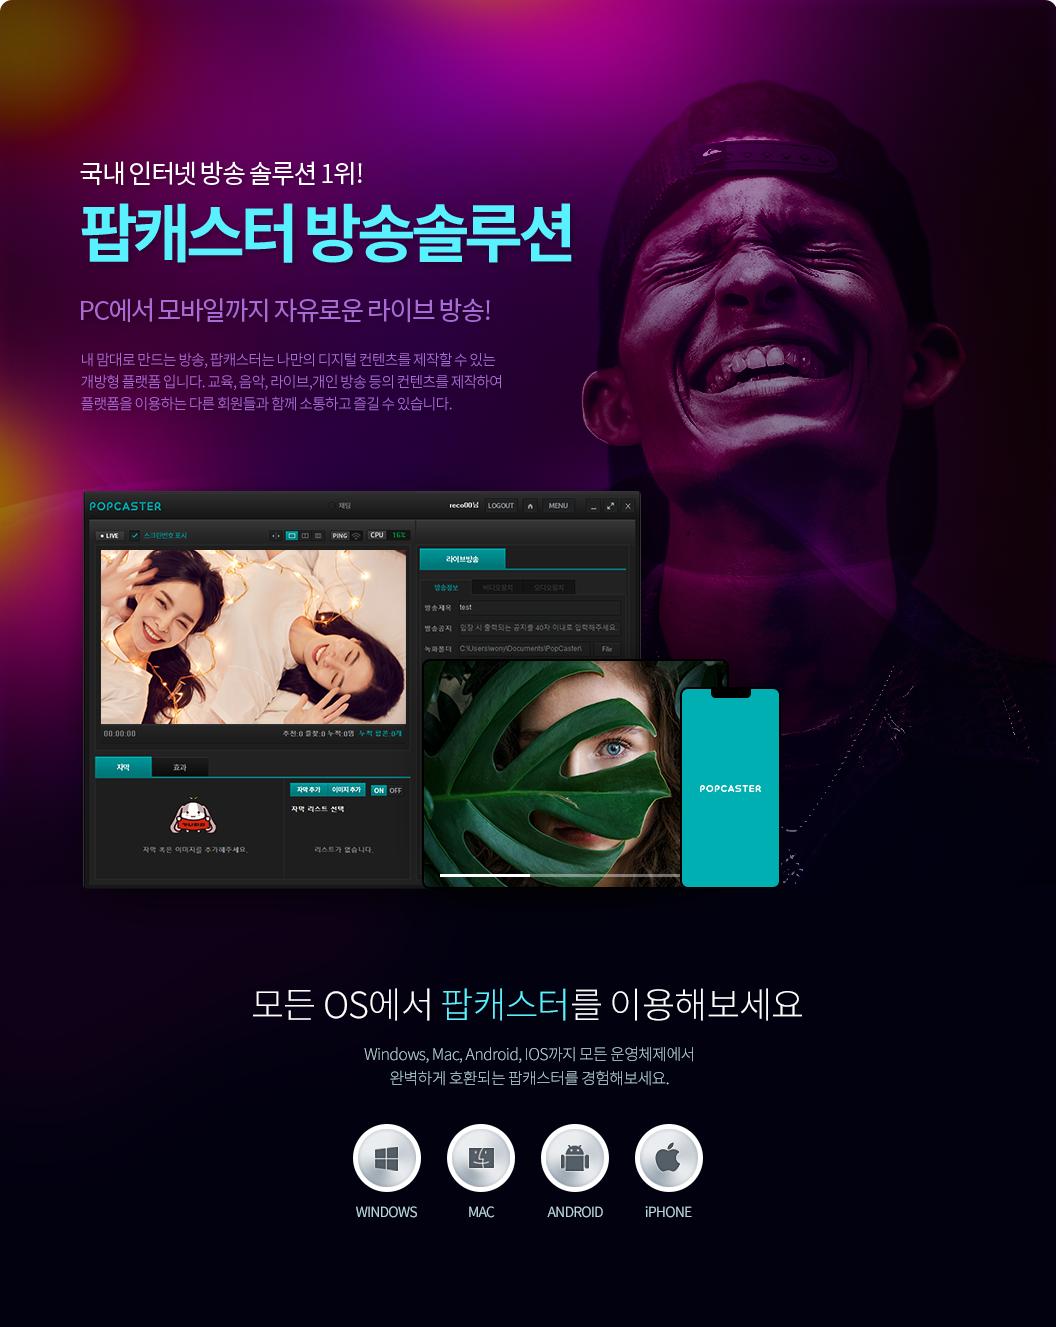 국내 인턴텟 방송 솔루션 1위! 팝캐스터 방송솔루션